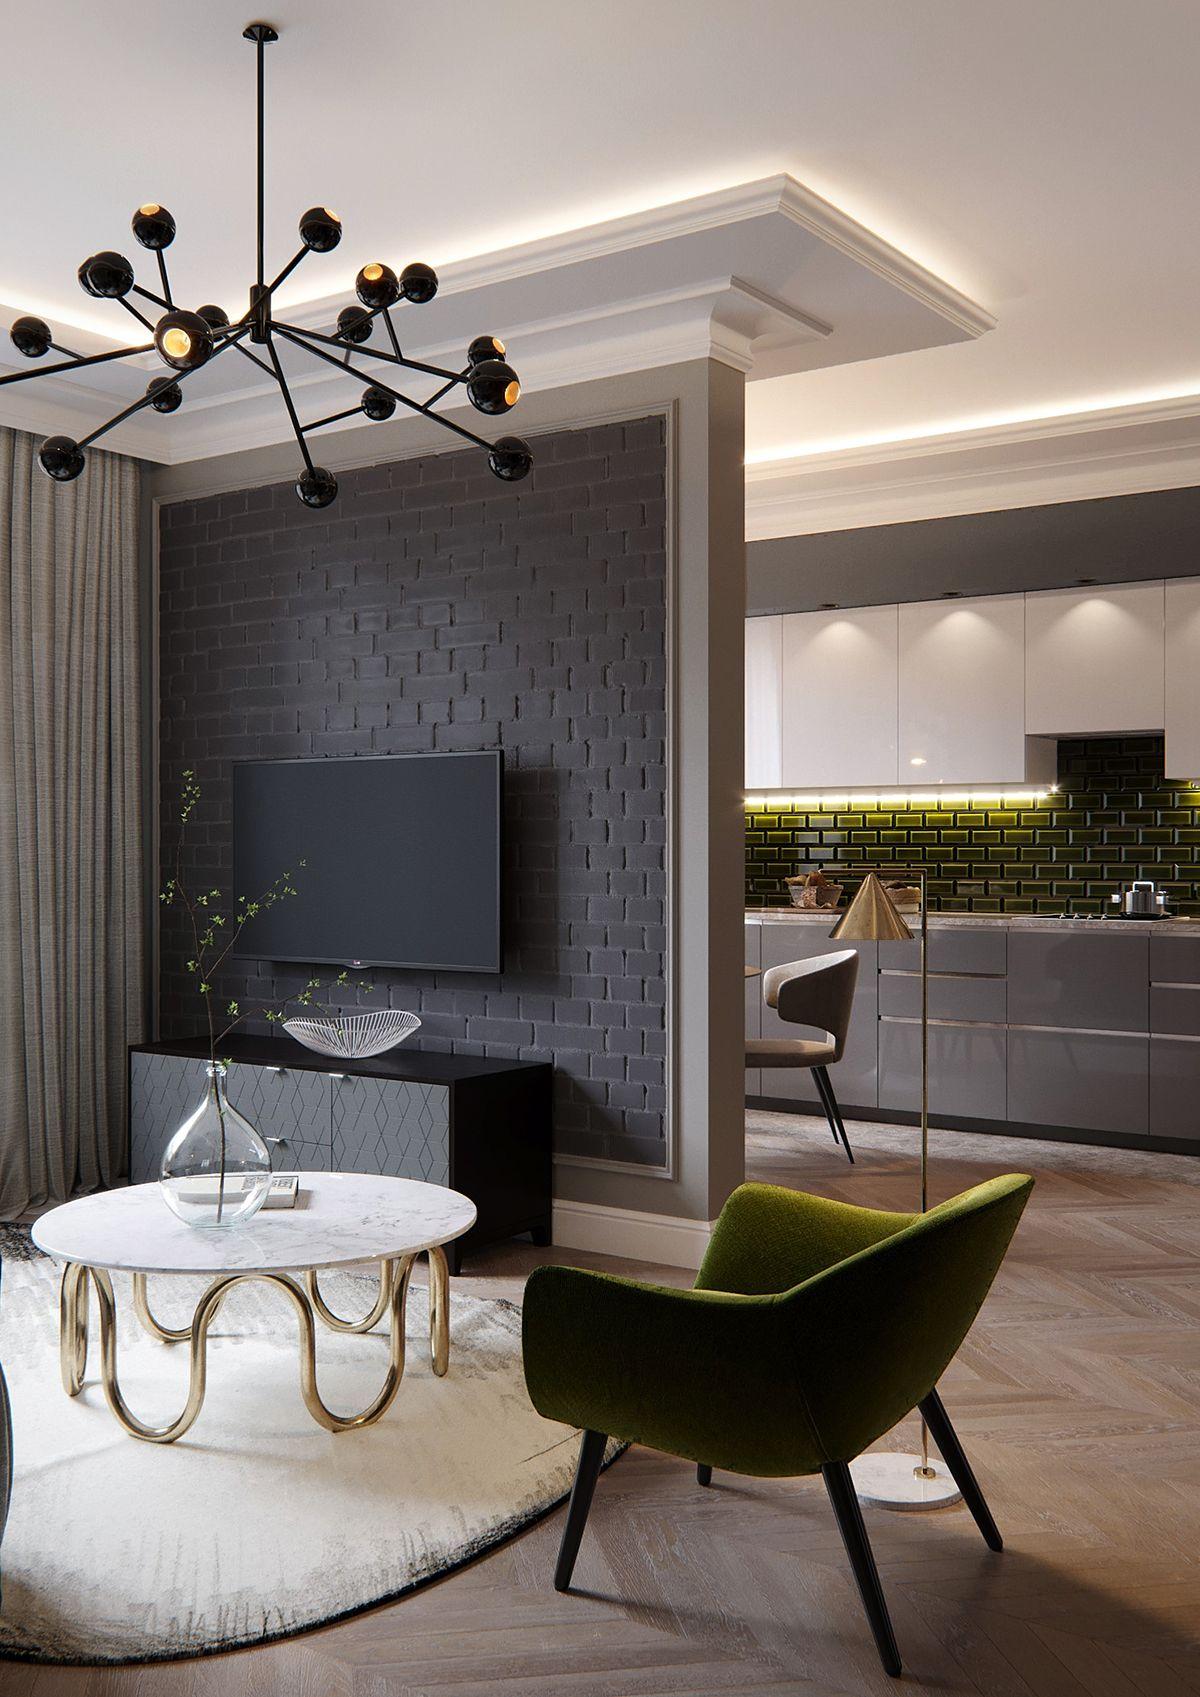 French style apartment im genes dise o interiores for Cocina abierta al comedor y sala de estar